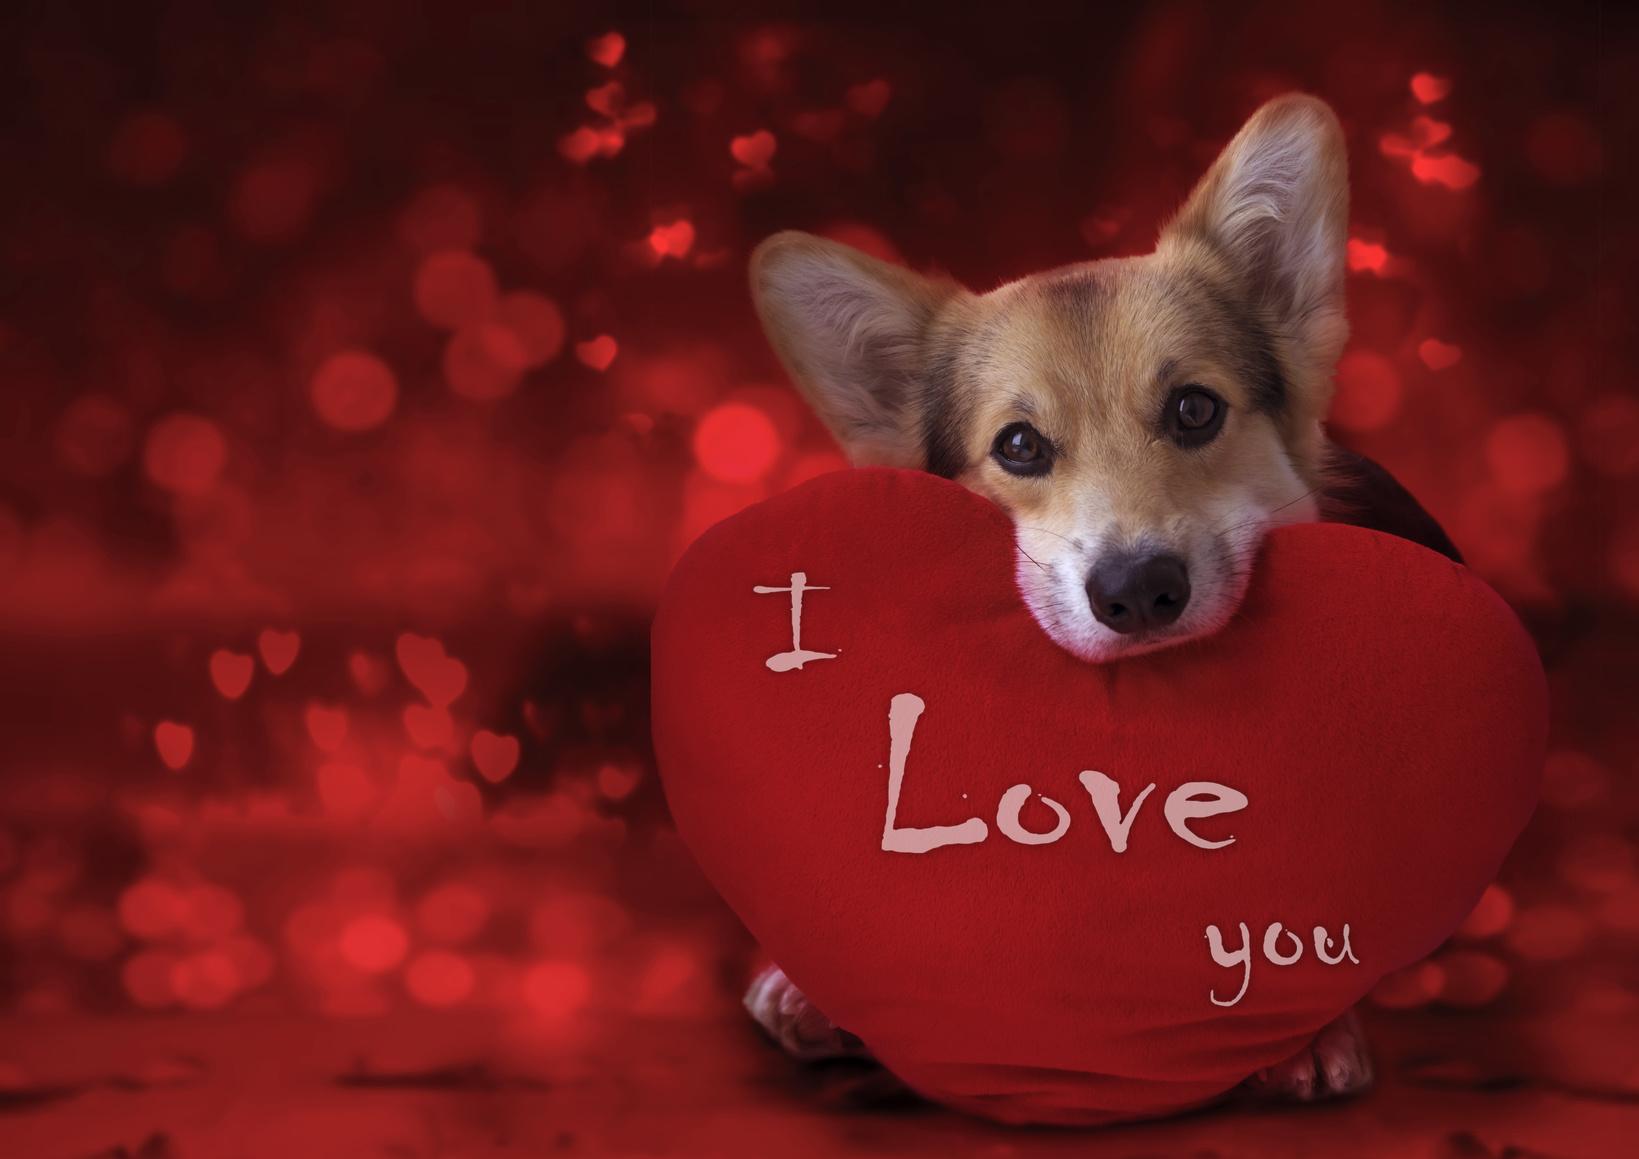 ハッピーバレンタイン!愛犬用にトリュフを作ろう♪【レシピ公開】